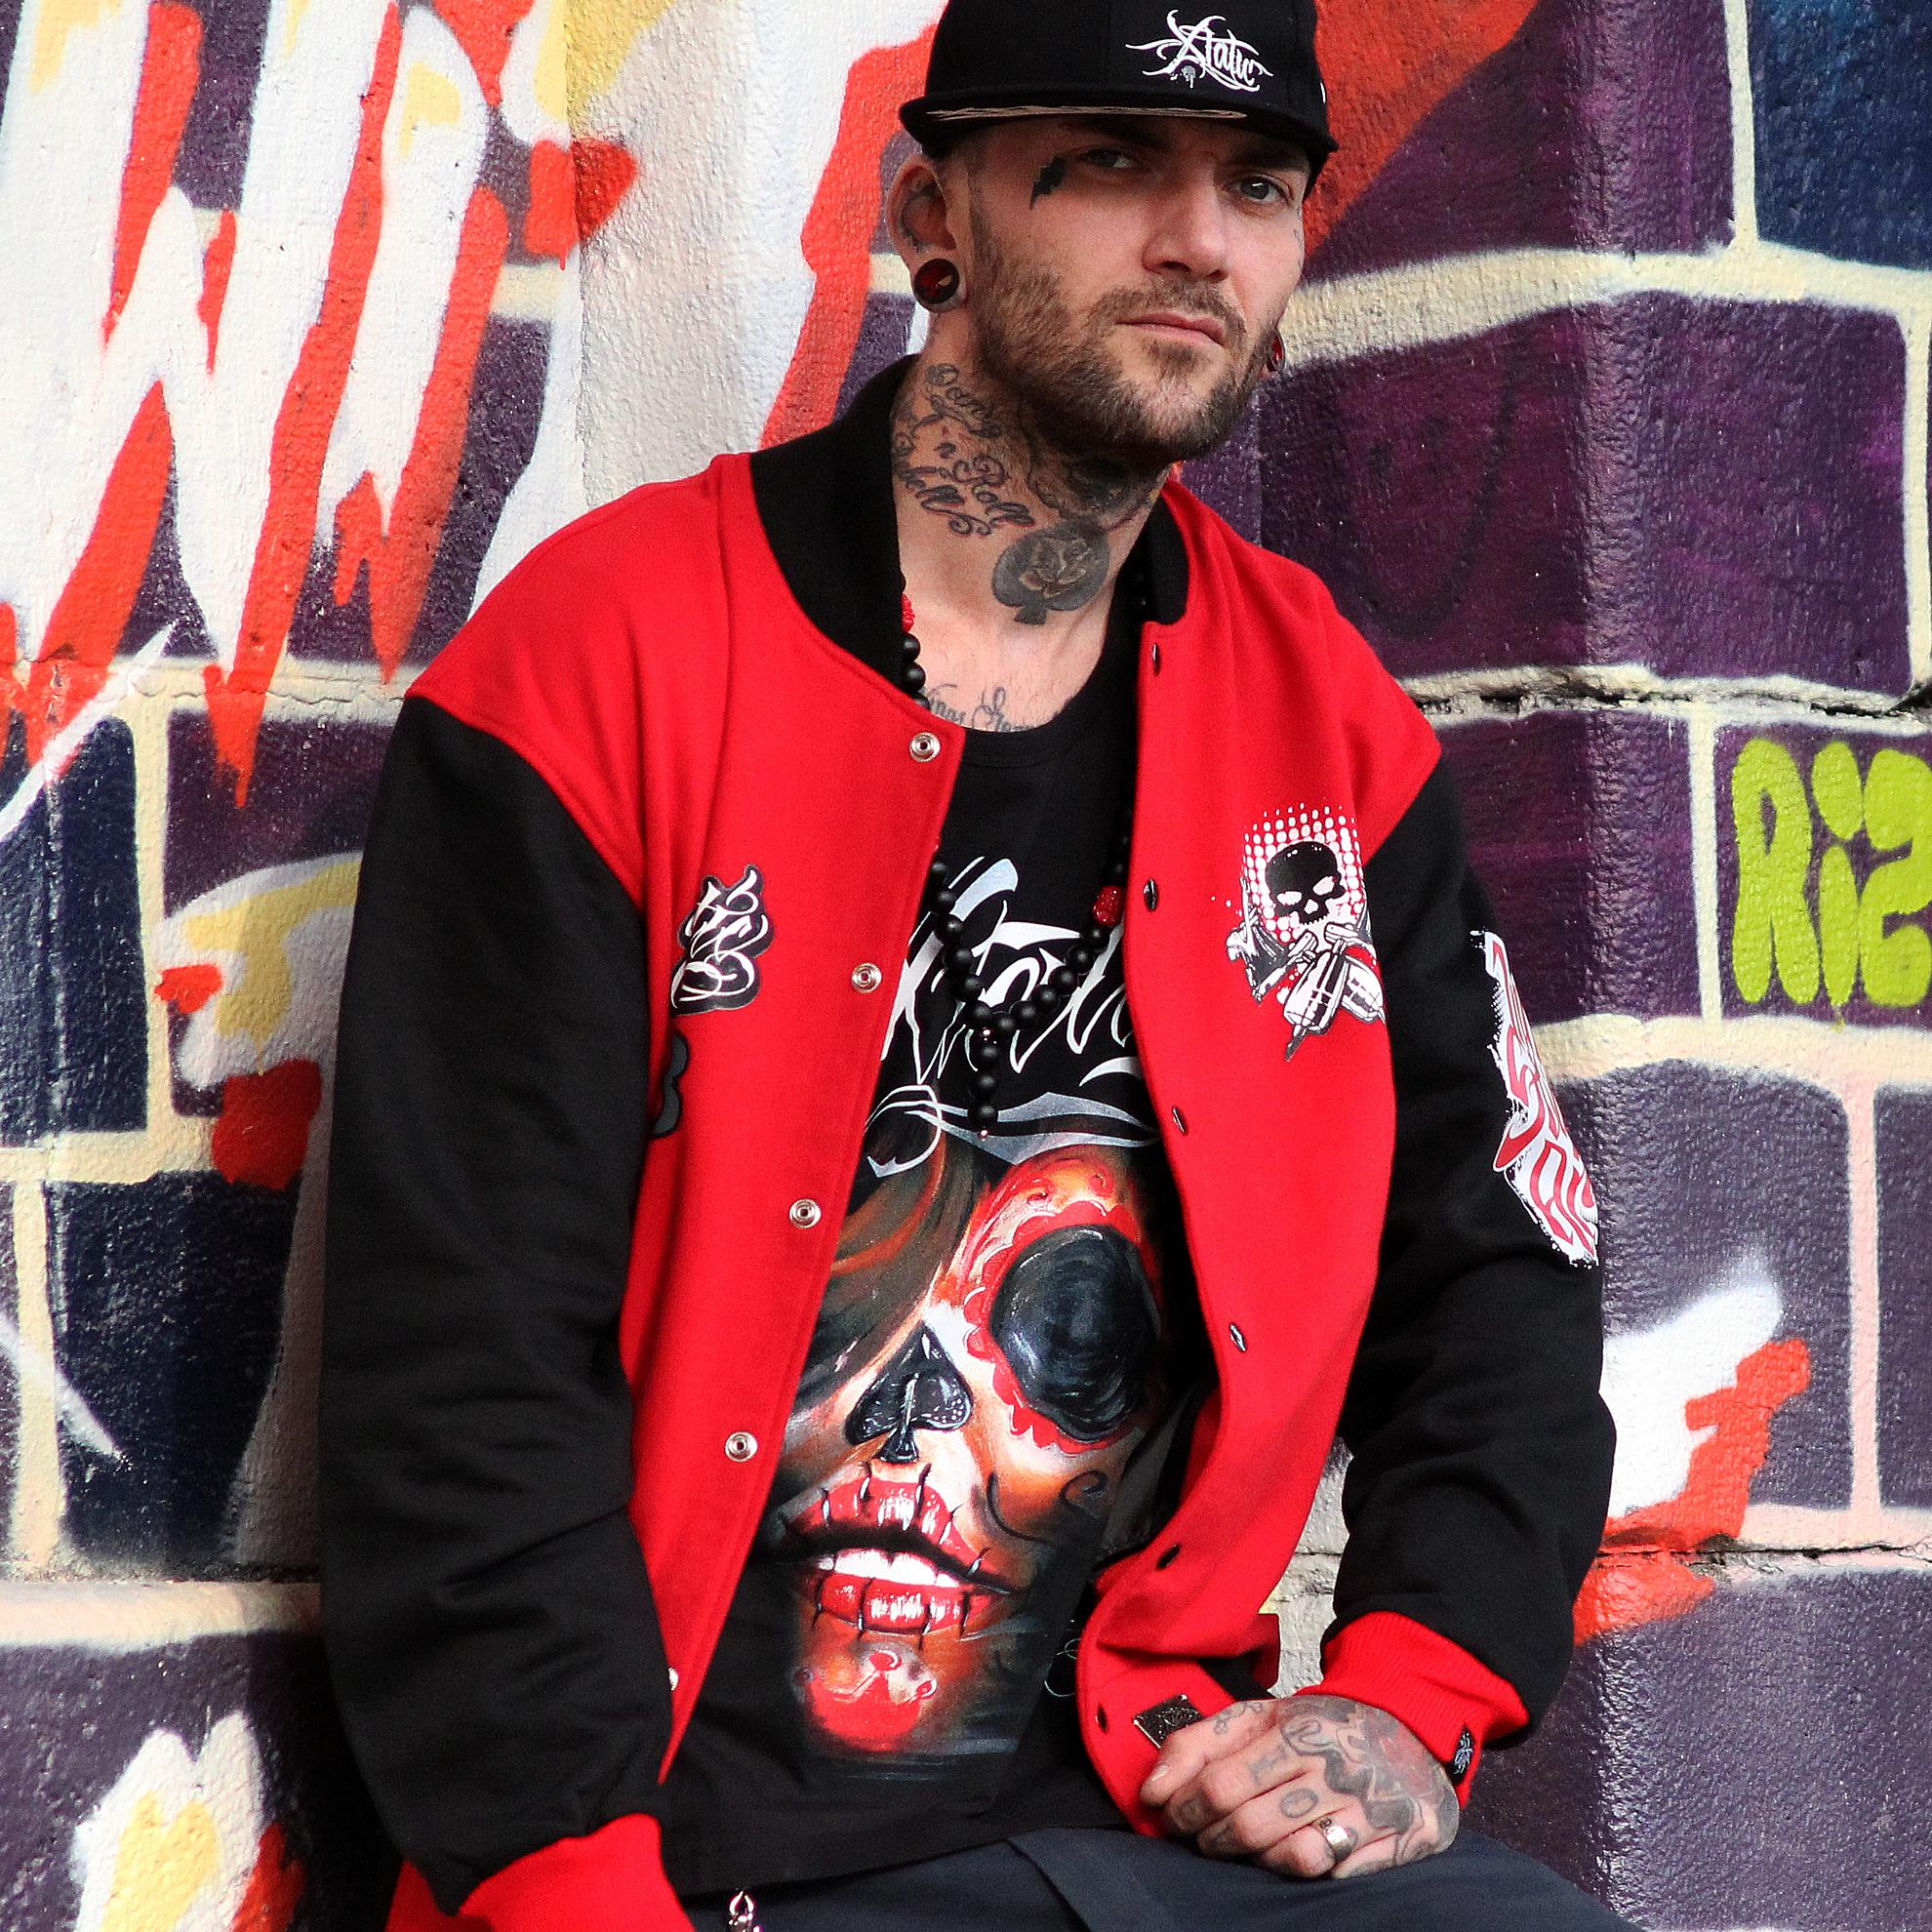 xtatic_wear_varsity_jacket_red_jackets_5.jpg